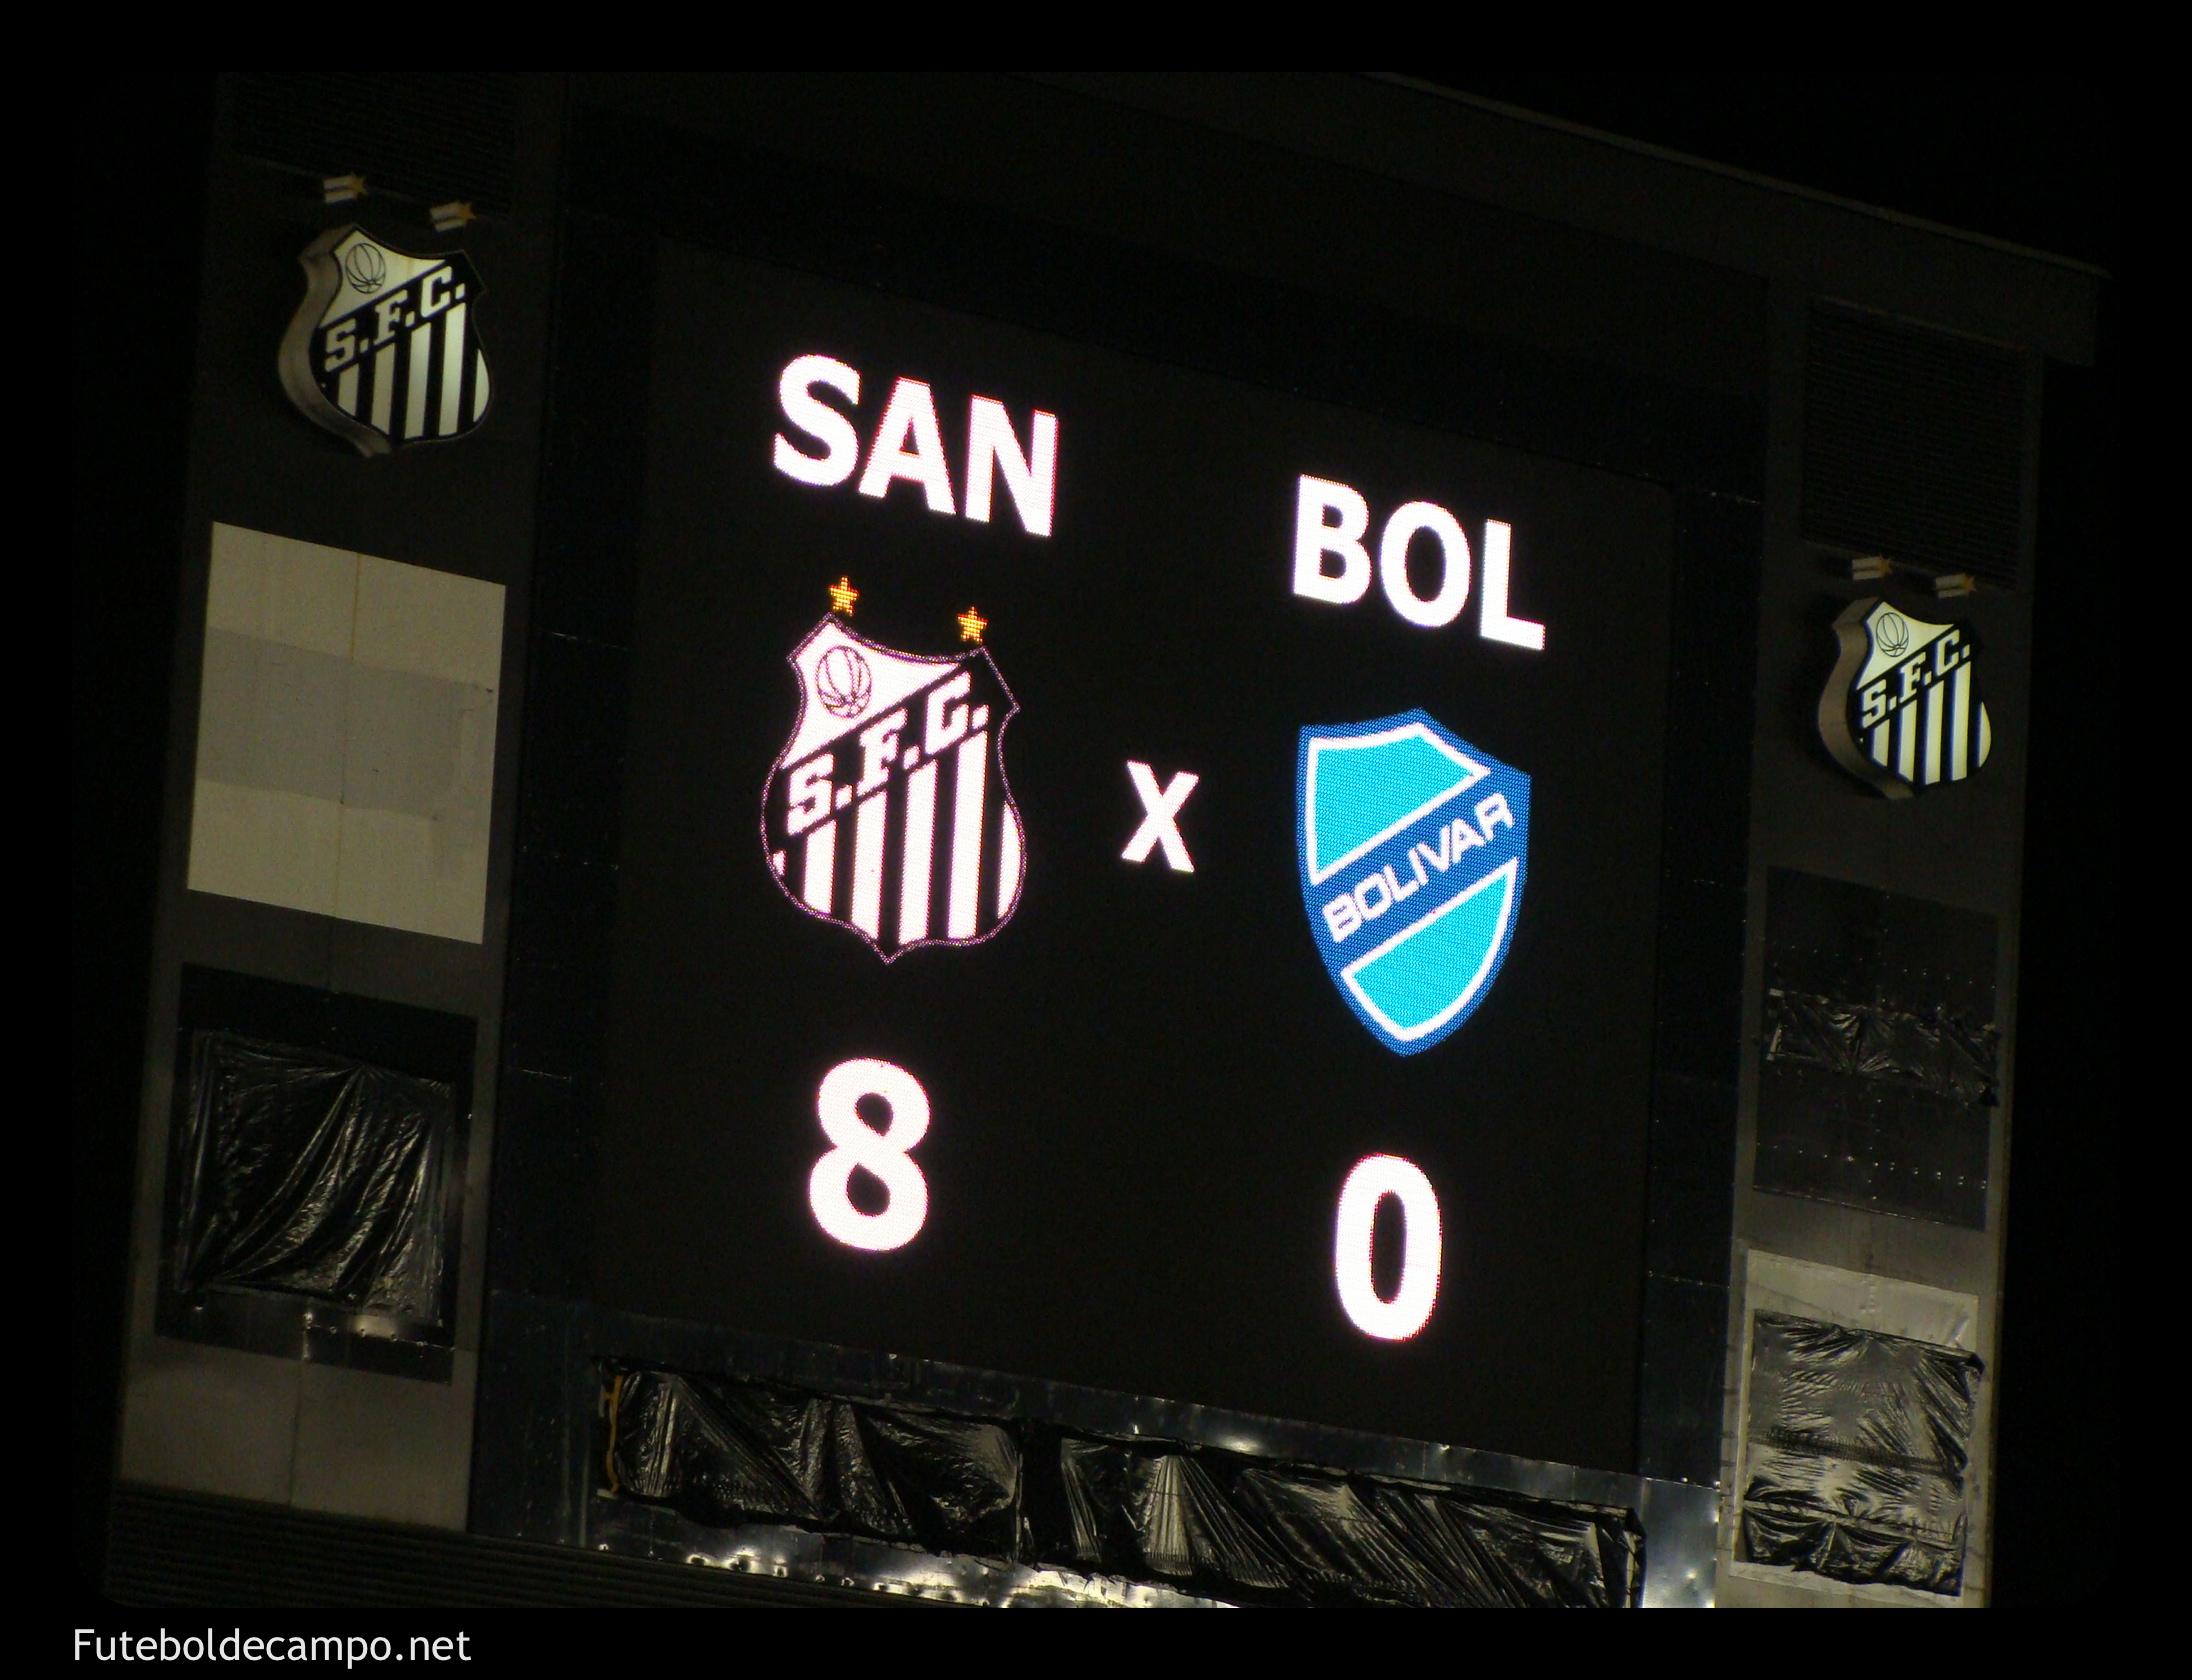 Las mayores goleadas en la historia de la Copa Libertadores la protagonizan los equipos bolivianos